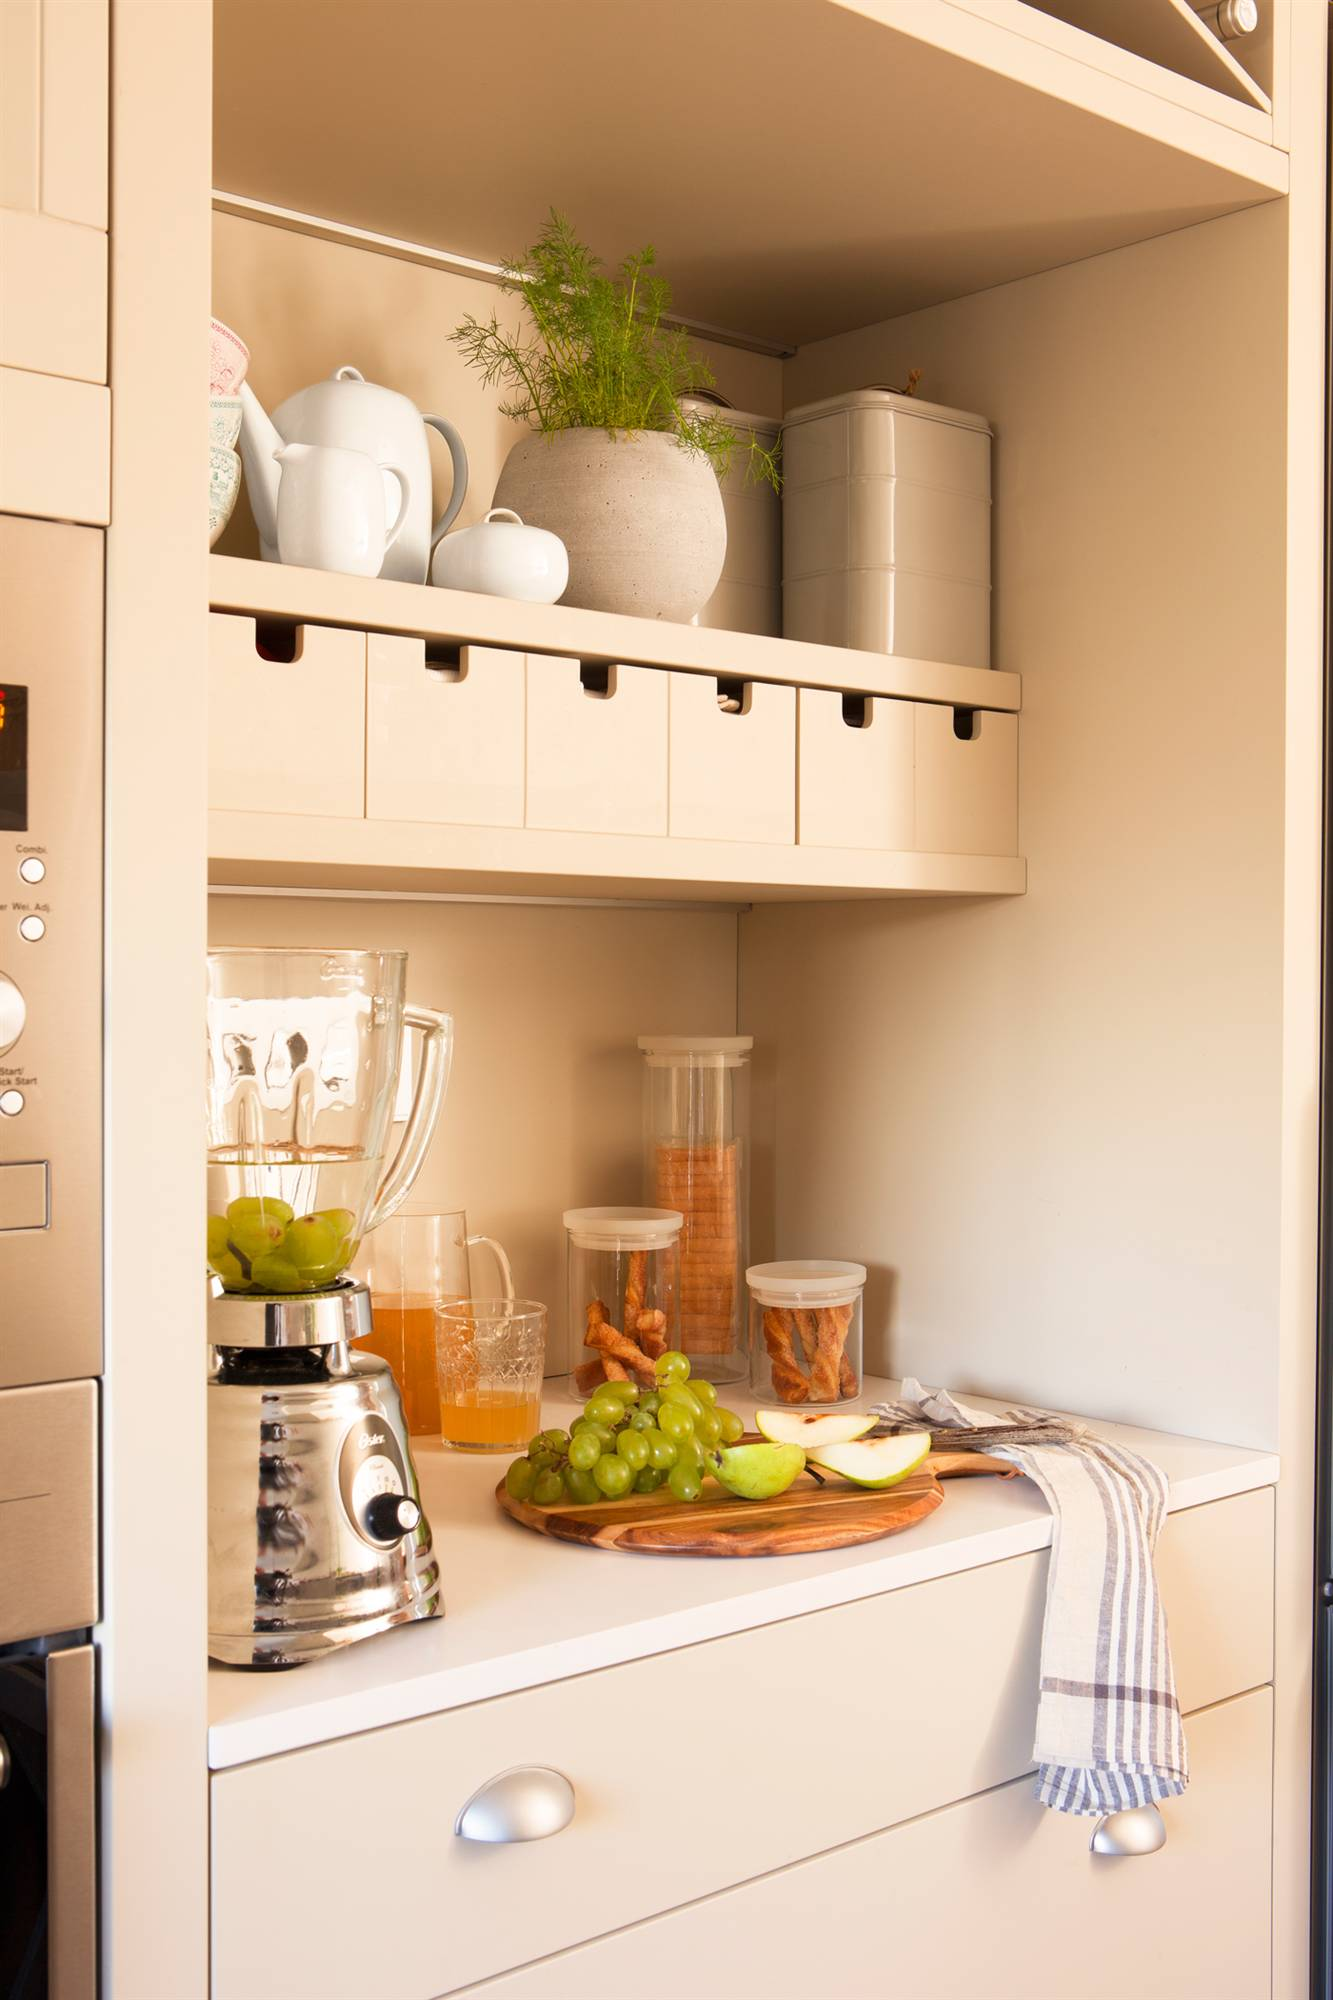 Una cocina peque a con mucho orden y un office - Cocinas con electrodomesticos blancos ...